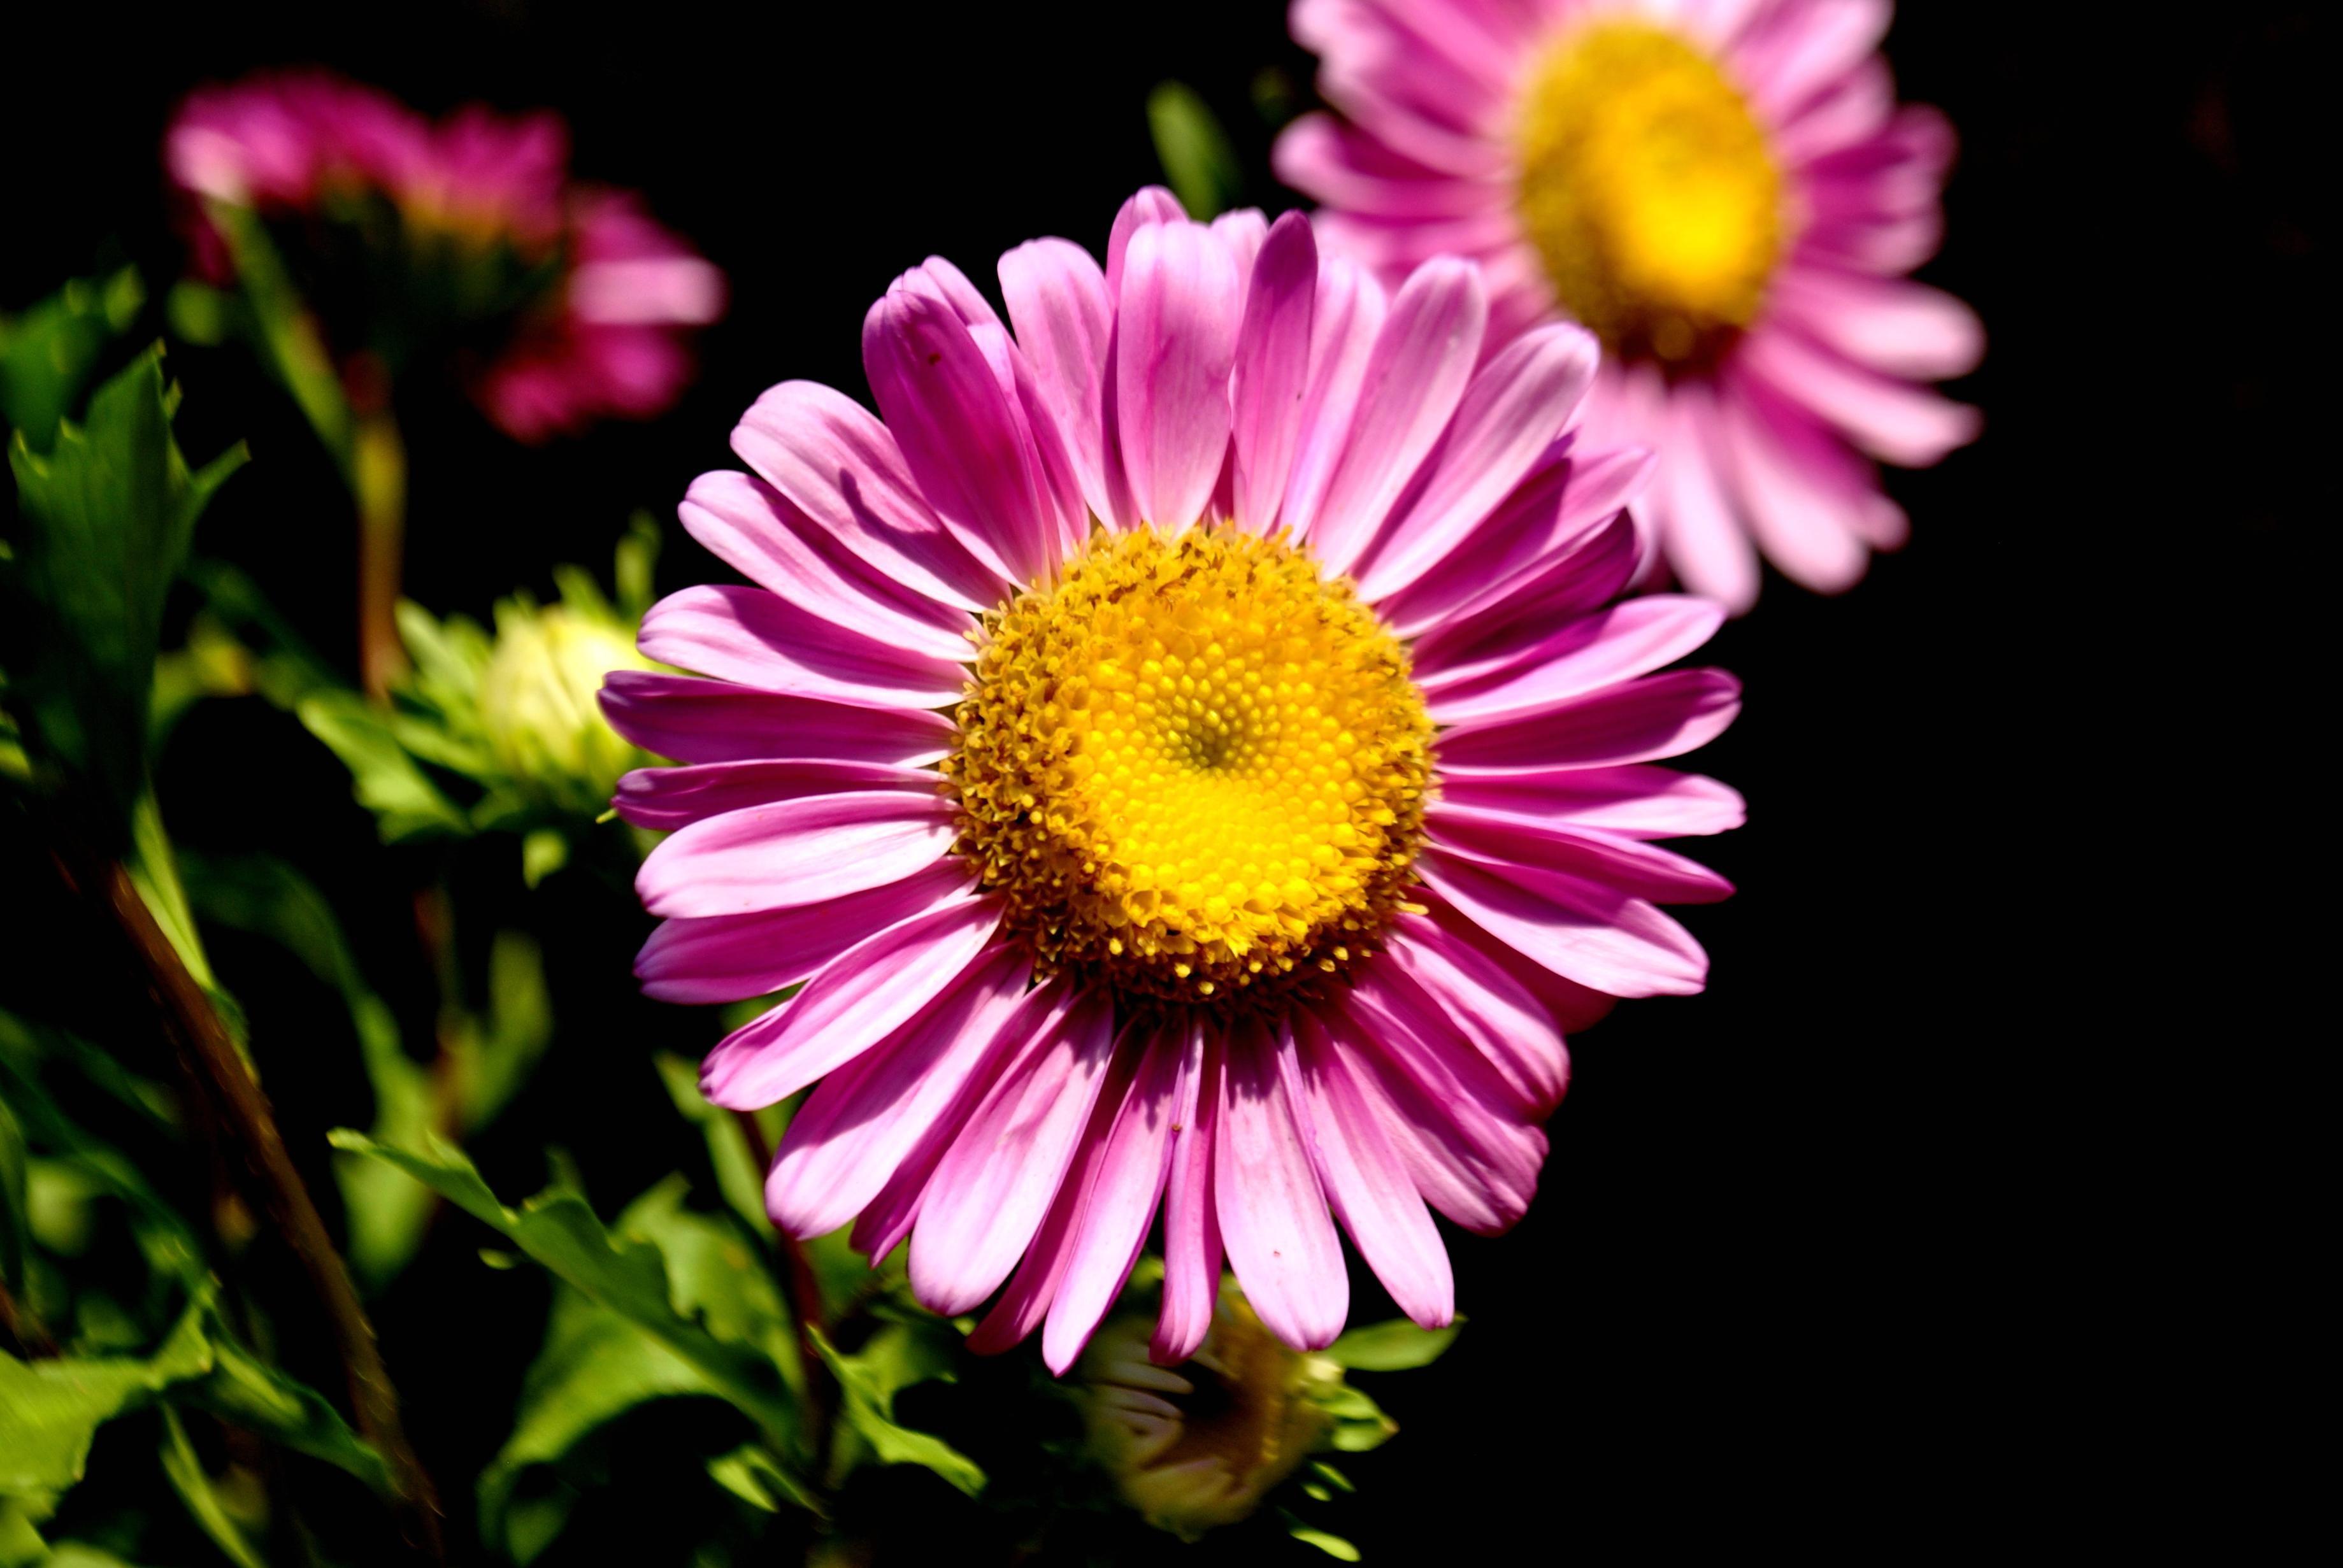 Image Libre Fleur Marguerite Petale Fleur Plante Fleur Jardin